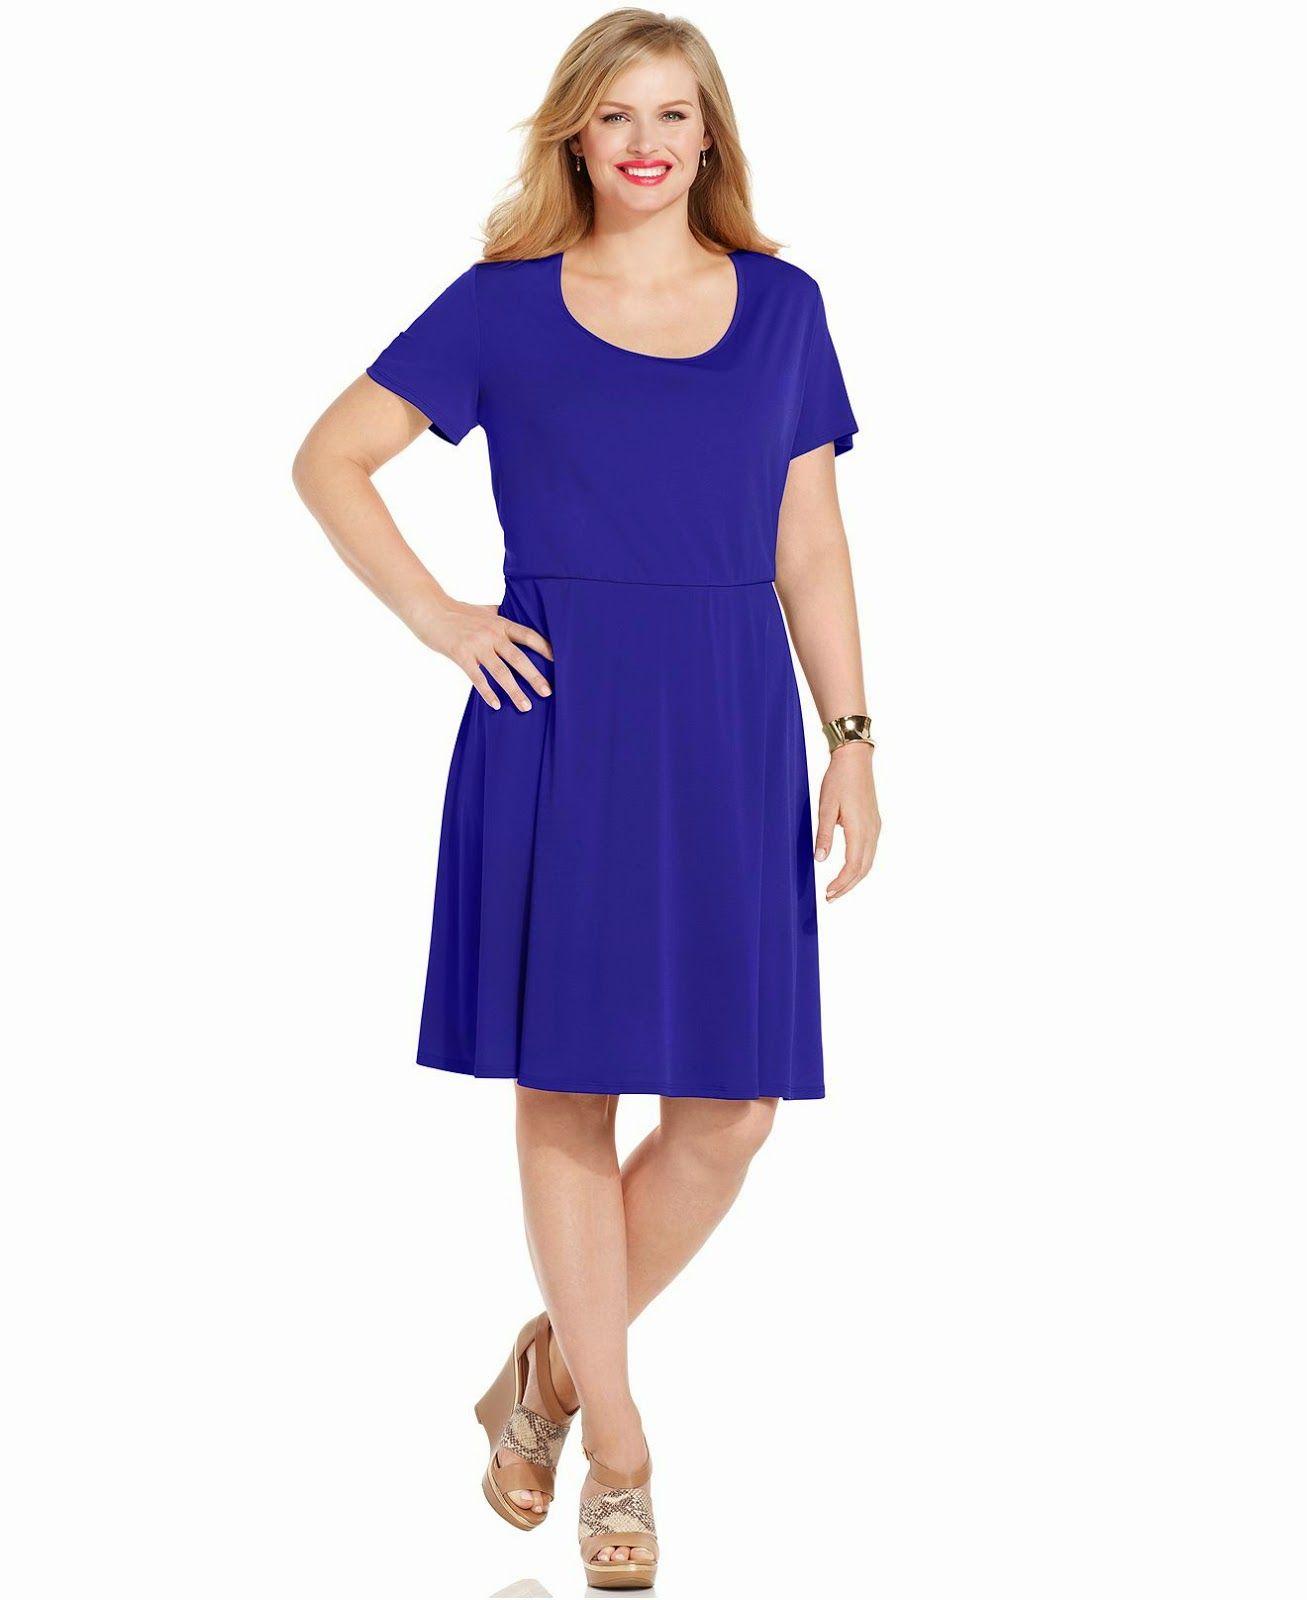 Alternativas de vestidos de fiesta para gorditas | Moda y tendencias ...